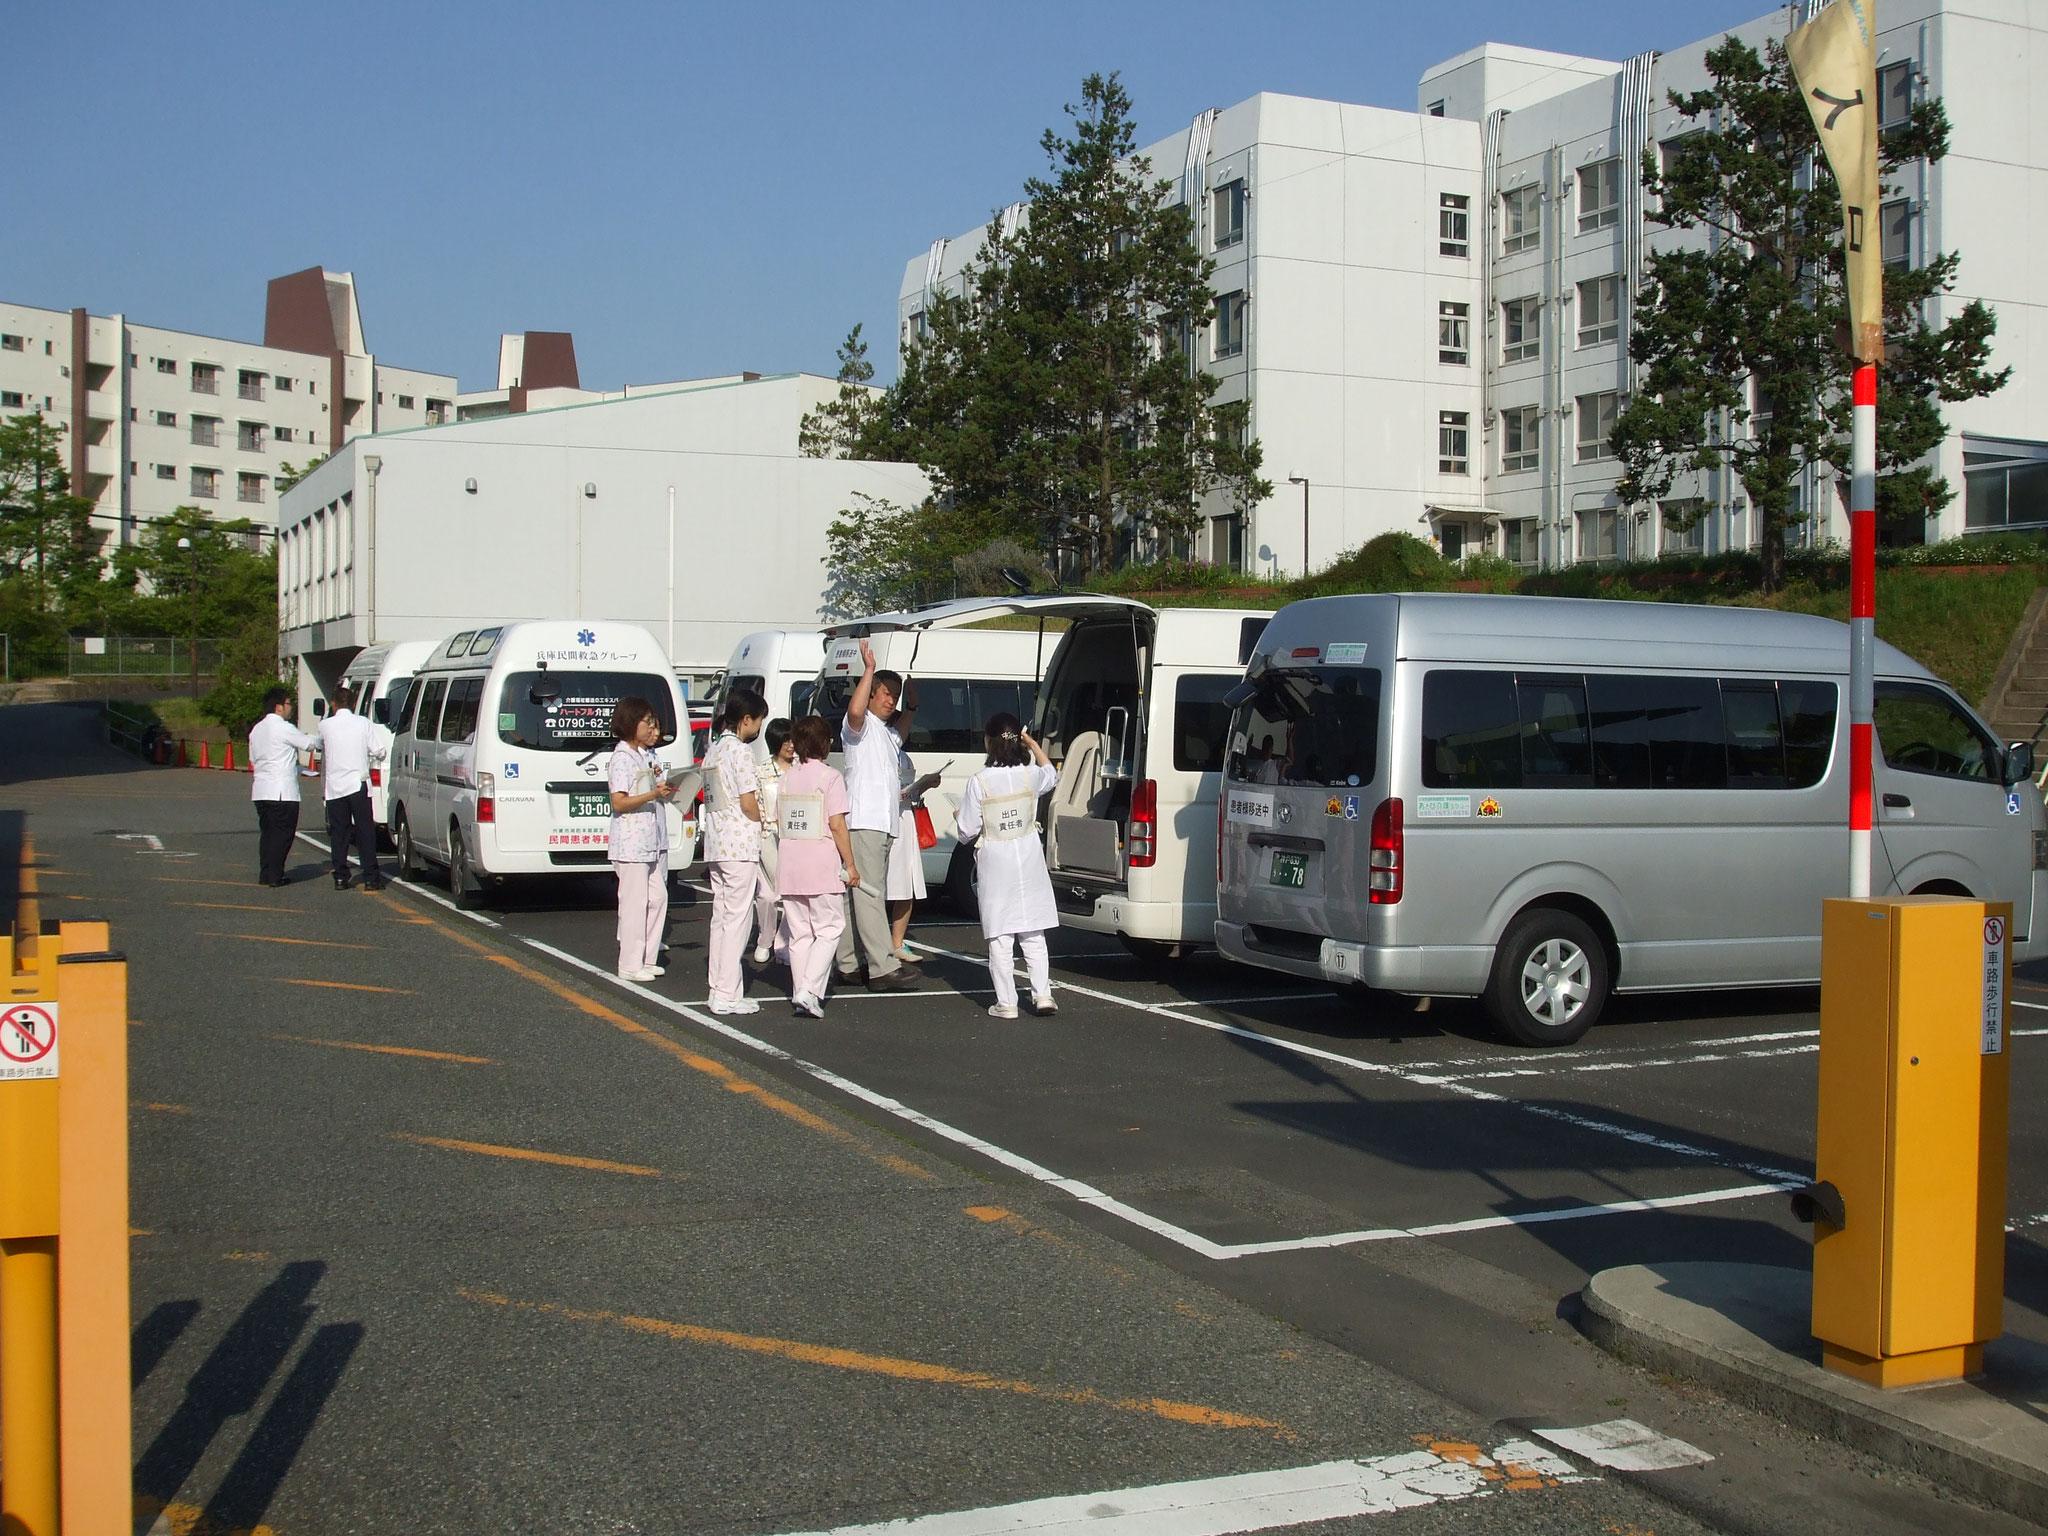 兵庫県立こども病院へ民間救急認定車両12台が集合